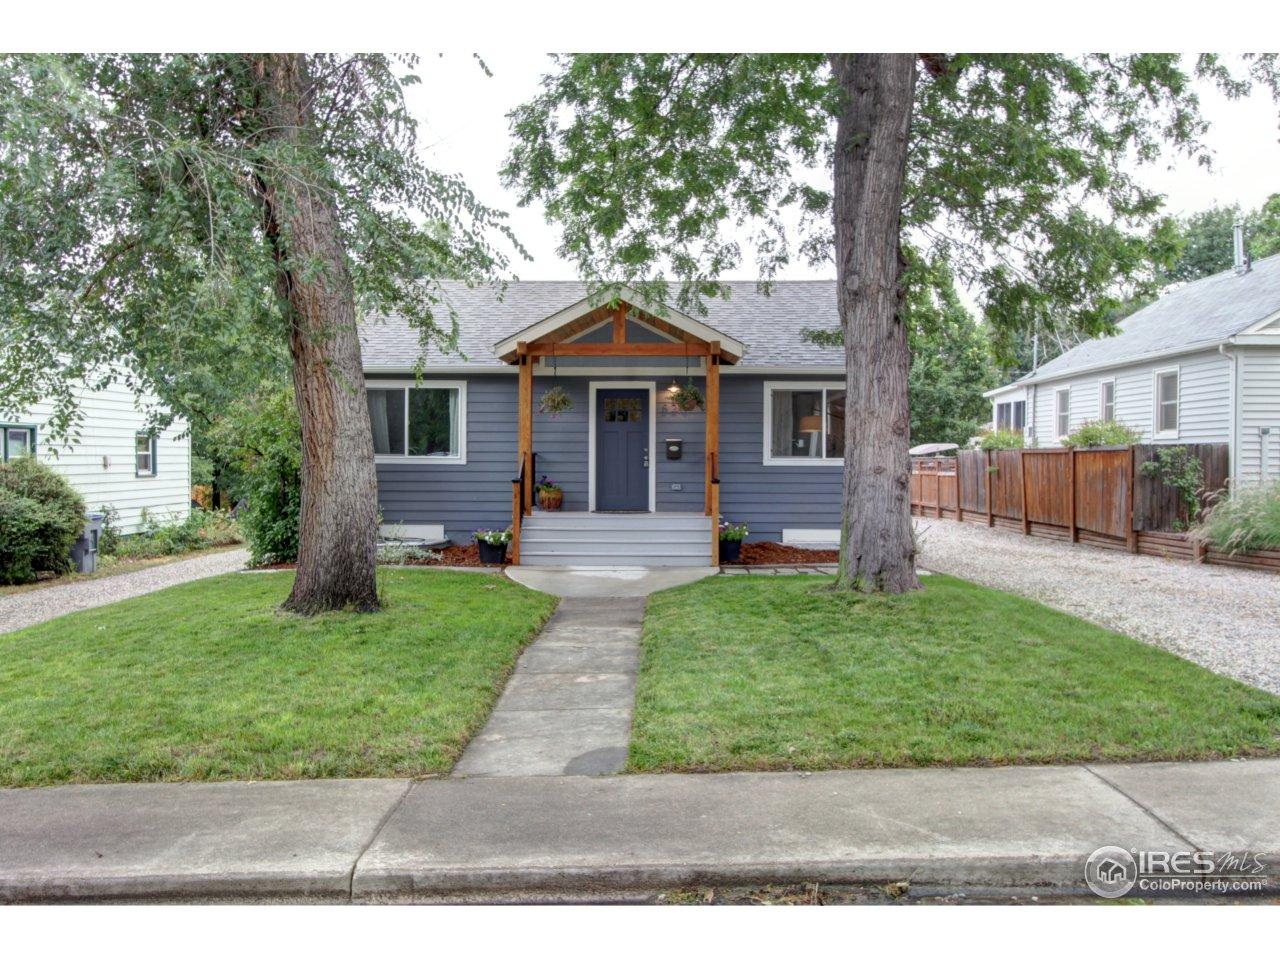 820 Sumner St, Longmont, CO 80501